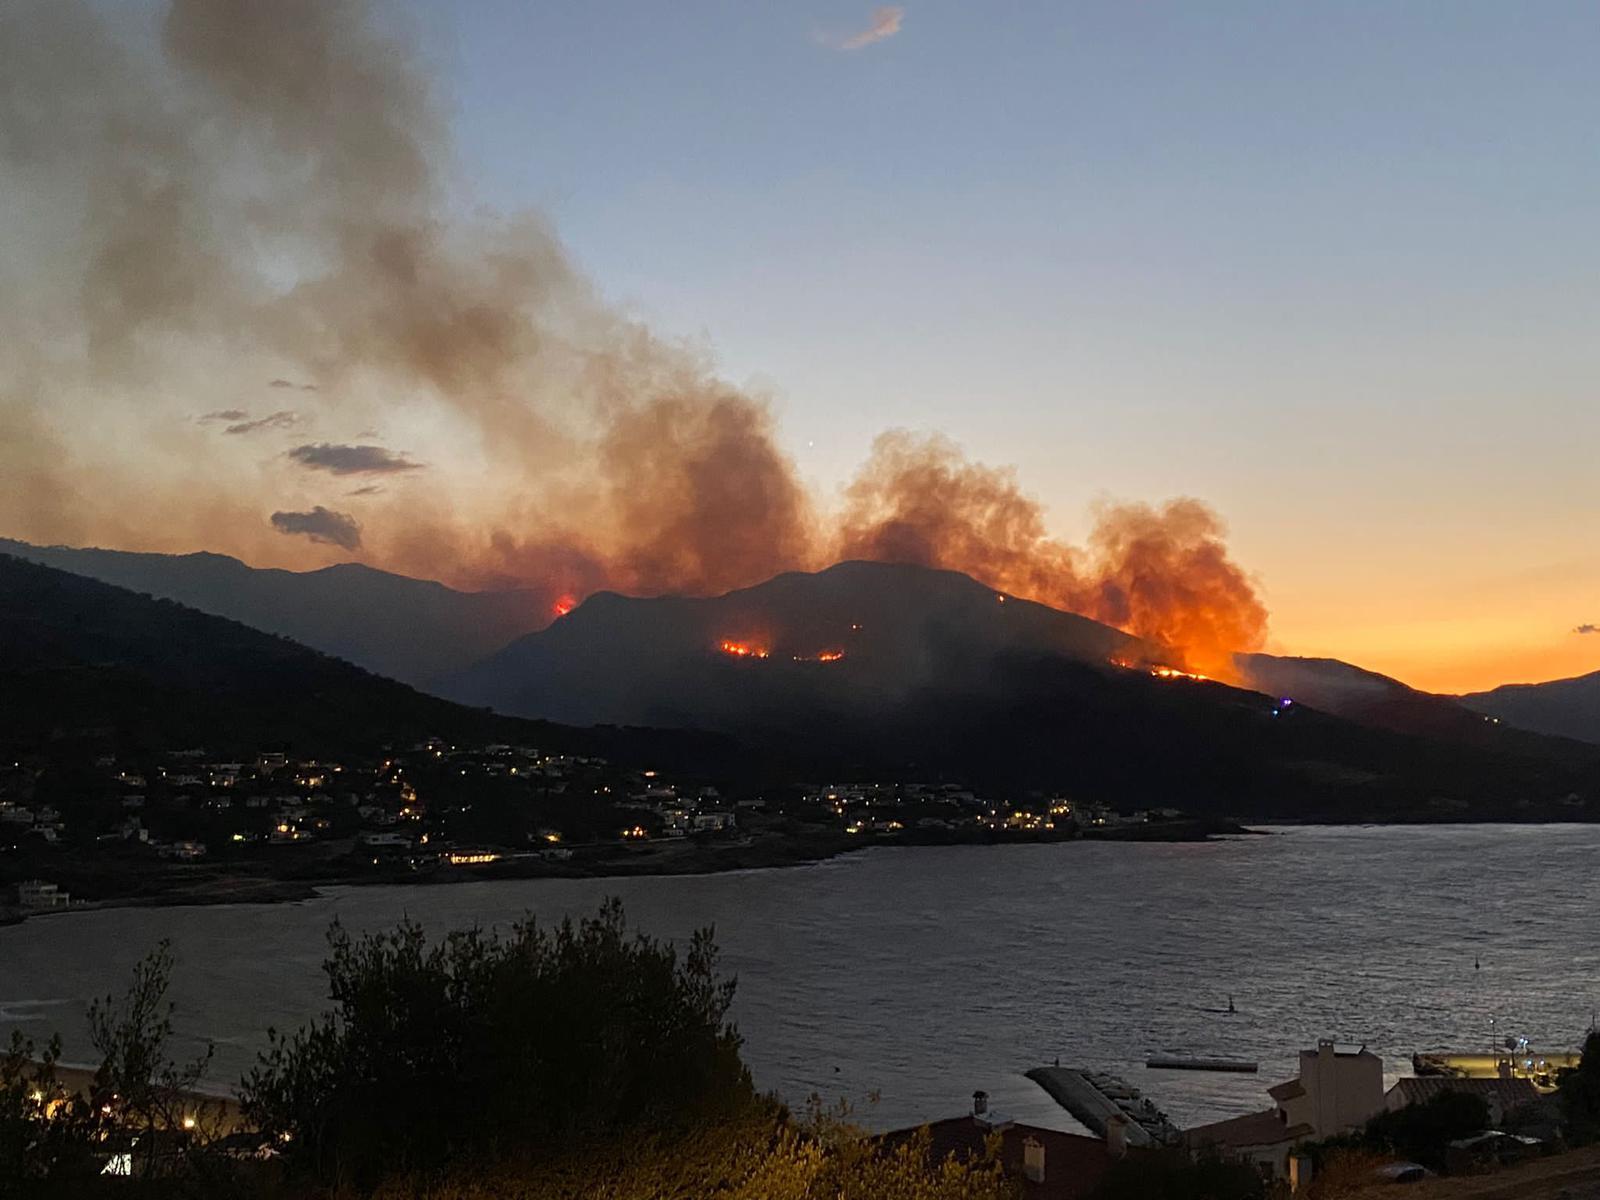 Un incendi forestal entre Llançà i Port de la Selva vist des d'aquest últim municipi el 16 de juliol del 2021 / ACN